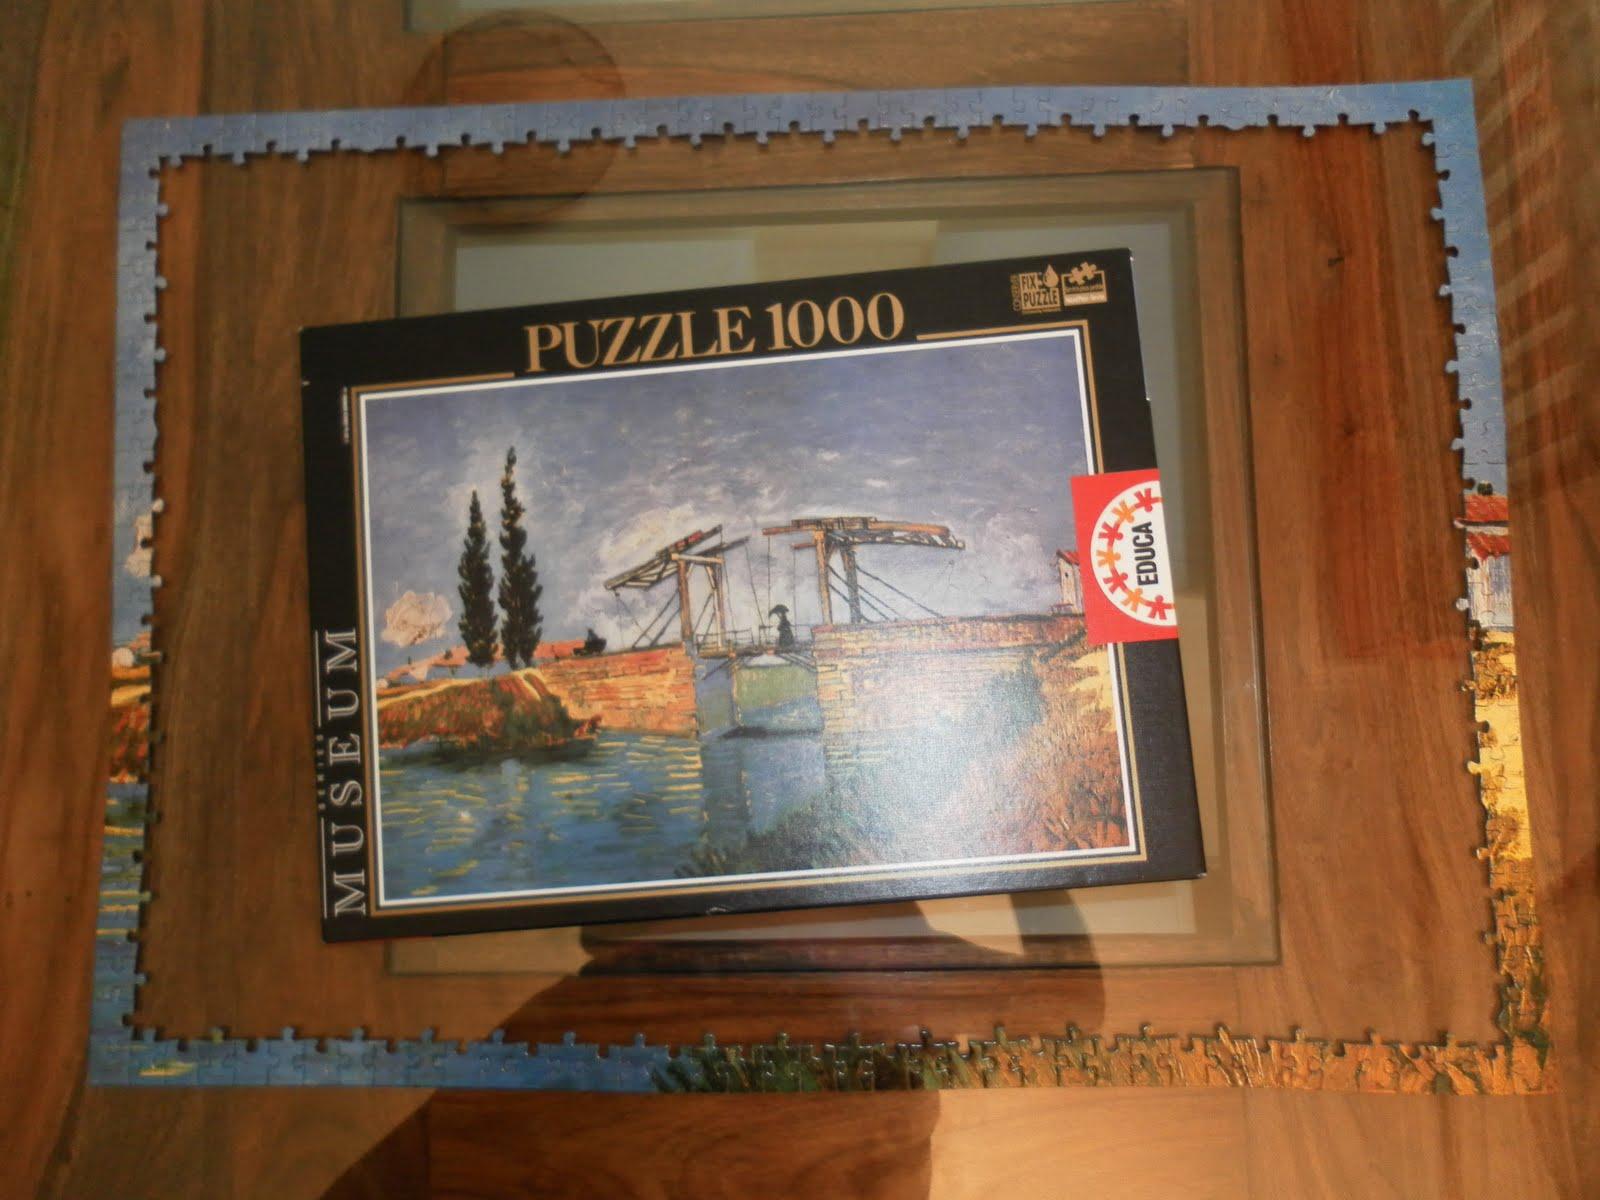 Solo yo: Puzzle: El pont de Langlois. Van Gogh.- Cómo se hizo